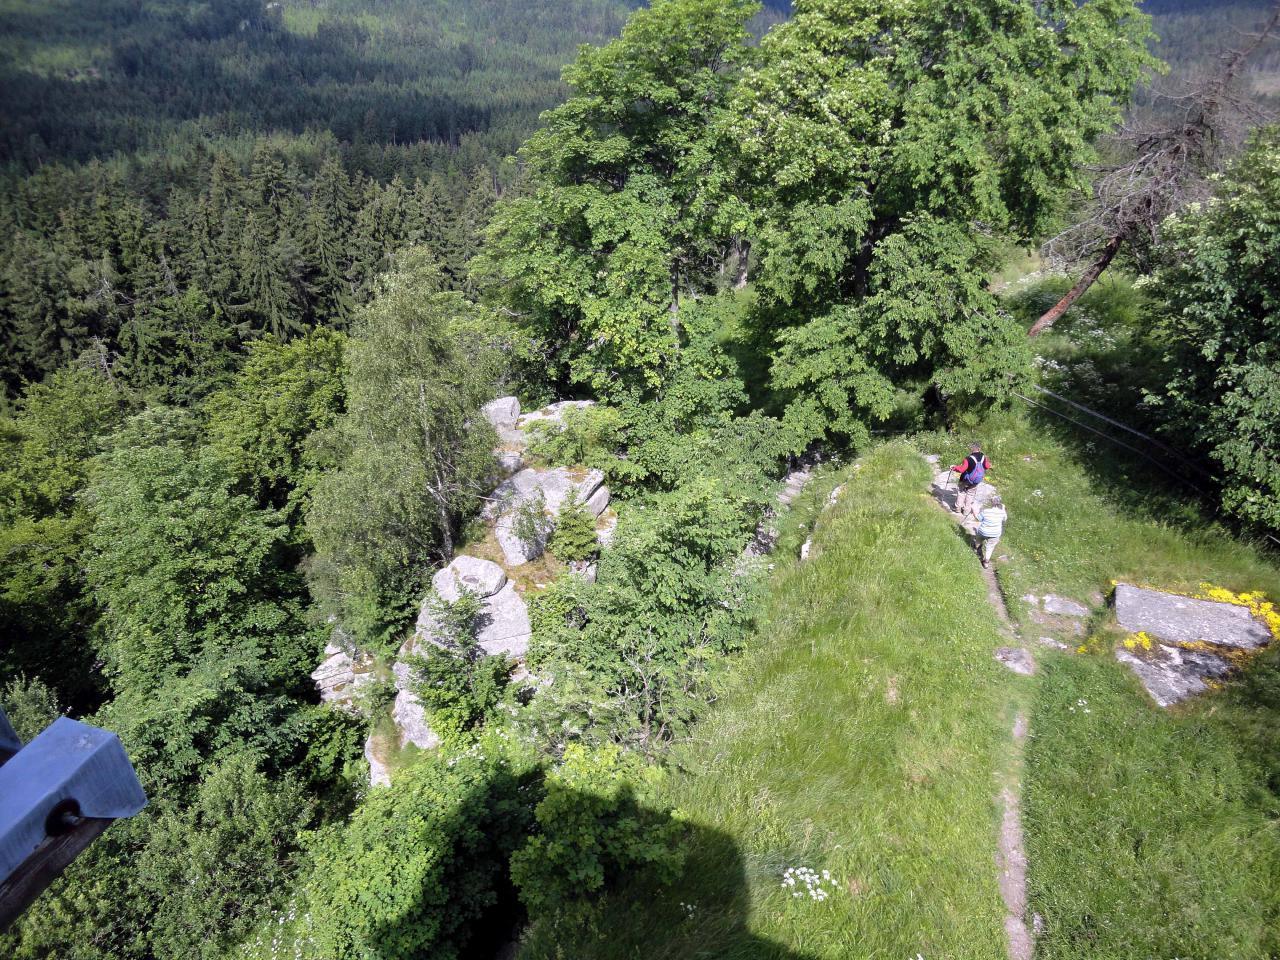 Ferienwohnung Wohnung 2 (F) der Sonderklasse im Naturpark Fichtelgebirge (1570788), Kirchenlamitz, Fichtelgebirge, Bayern, Deutschland, Bild 20